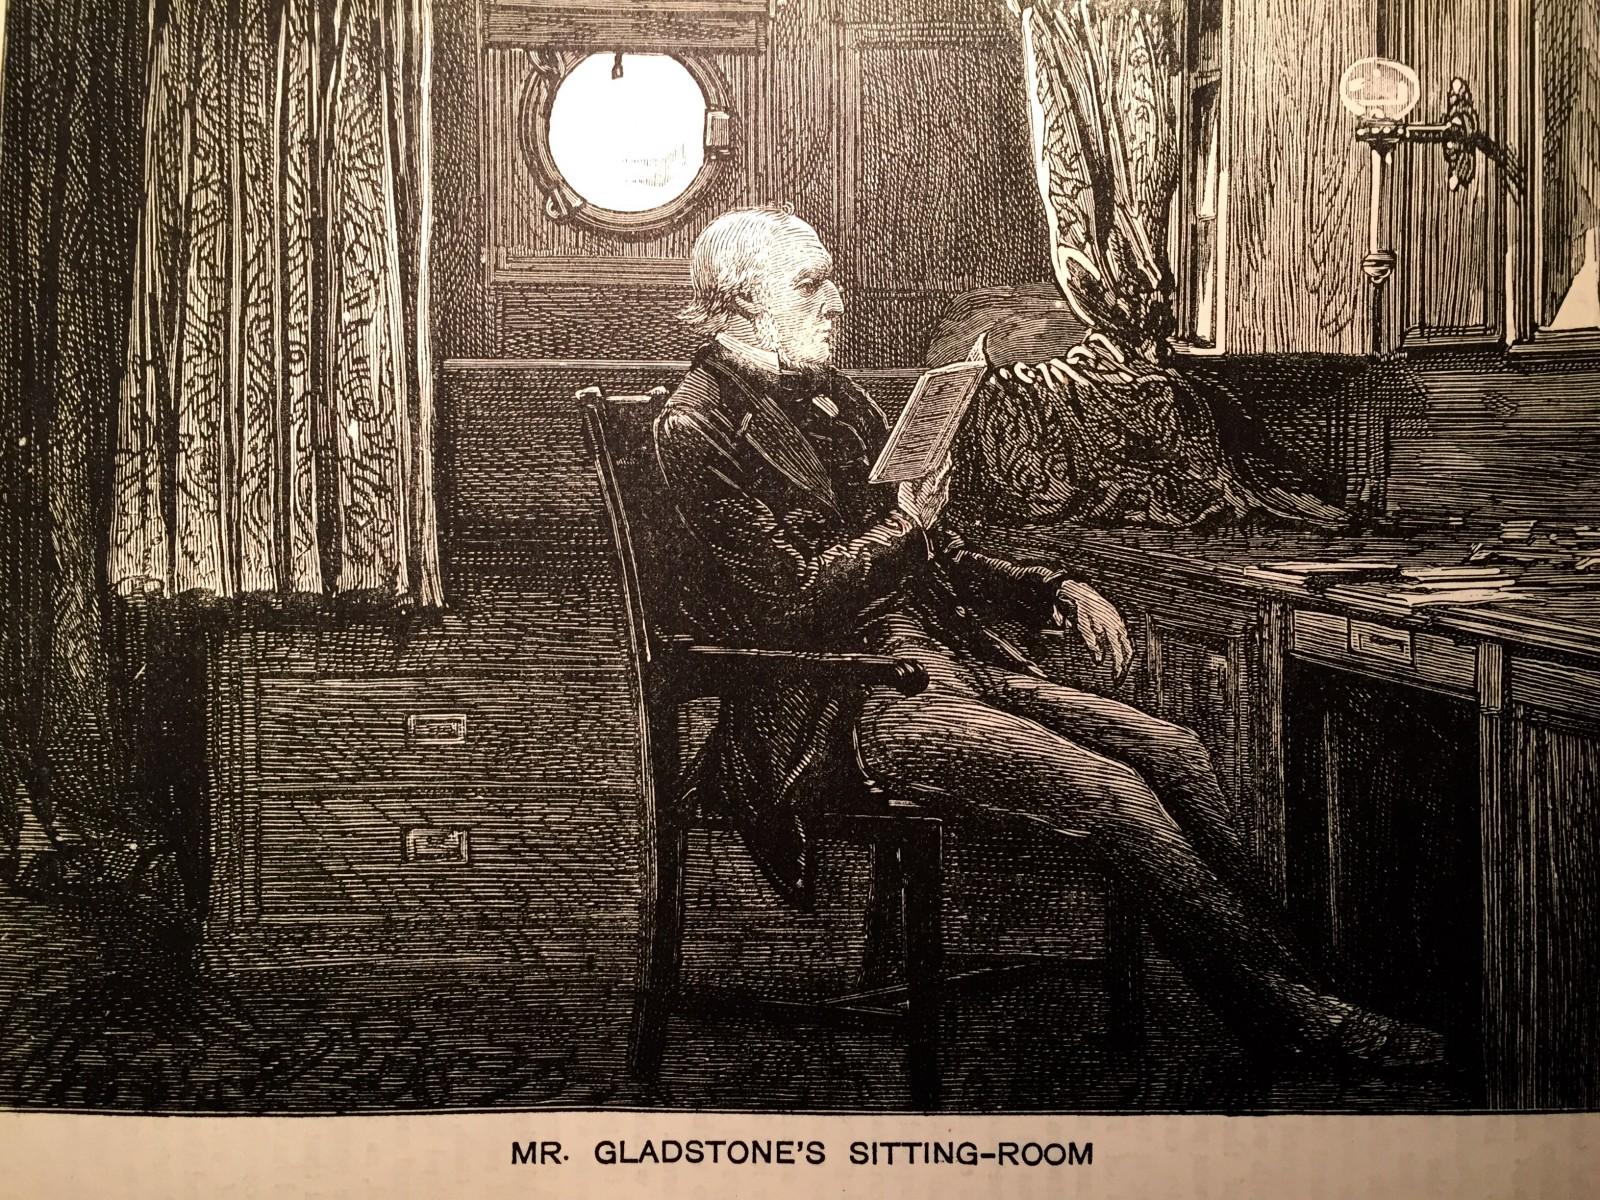 Prime Minister Gladstone in his cabin